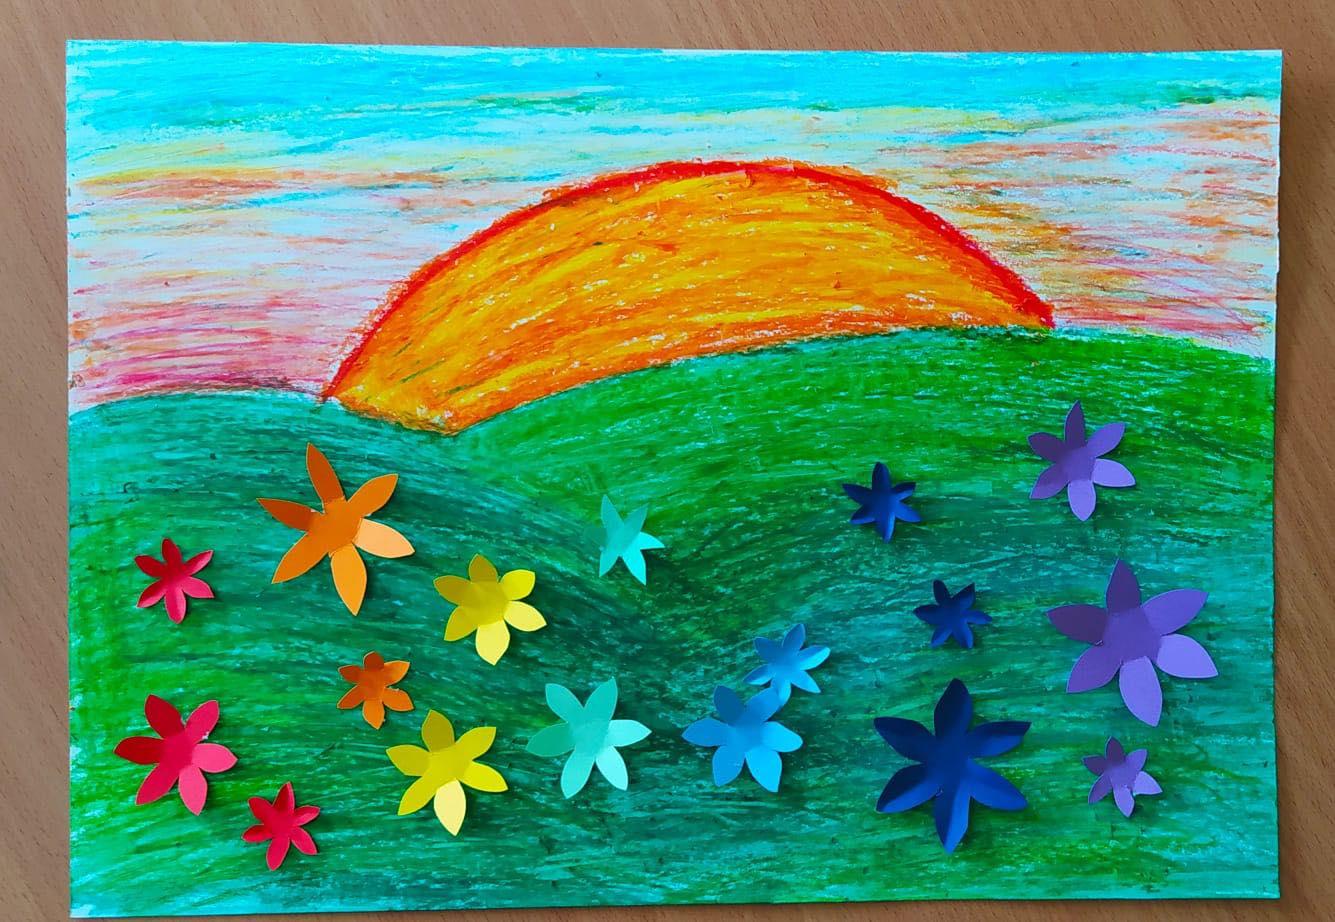 Praca plastyczna: narysowane słońce, łąka z kwiatami.